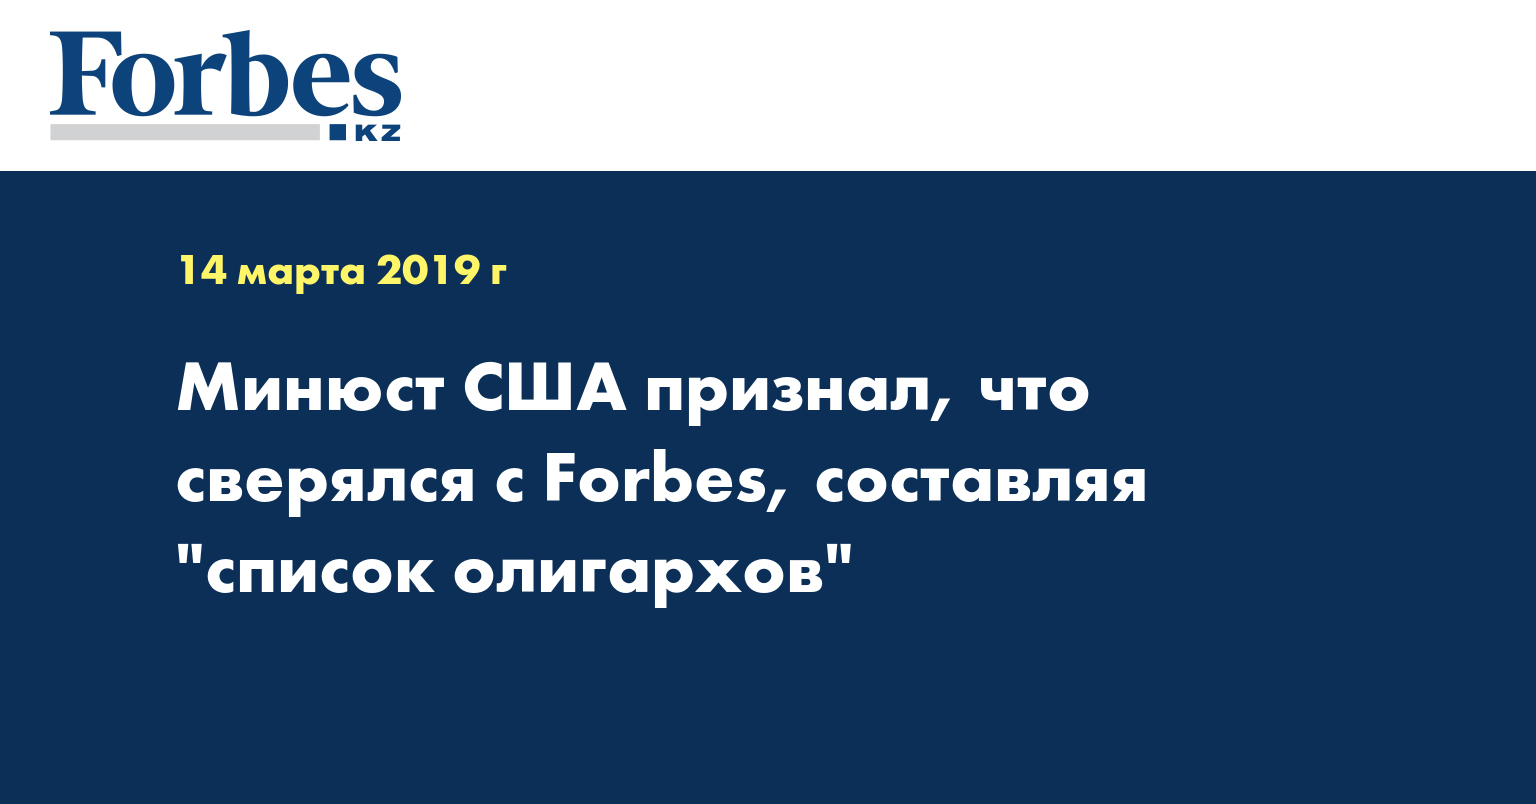 Минюст США признал, что сверялся с Forbes, составляя